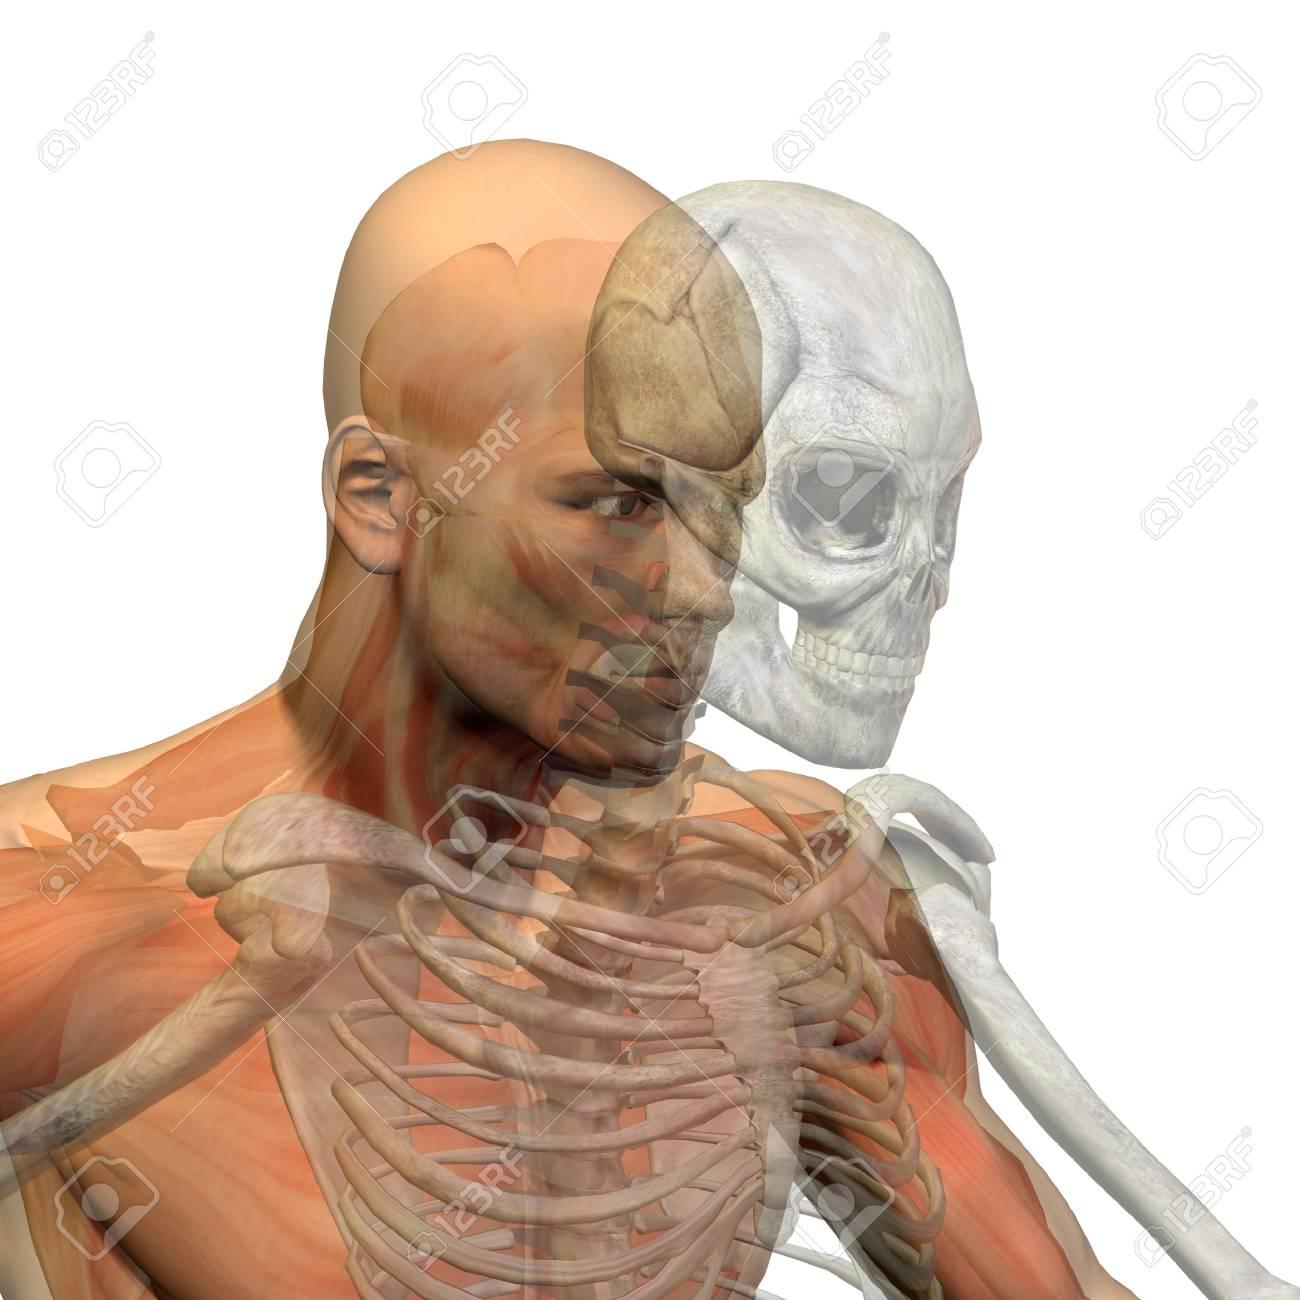 Konzeptionelle Anatomie Menschlichen Körper Auf Weißem Hintergrund ...